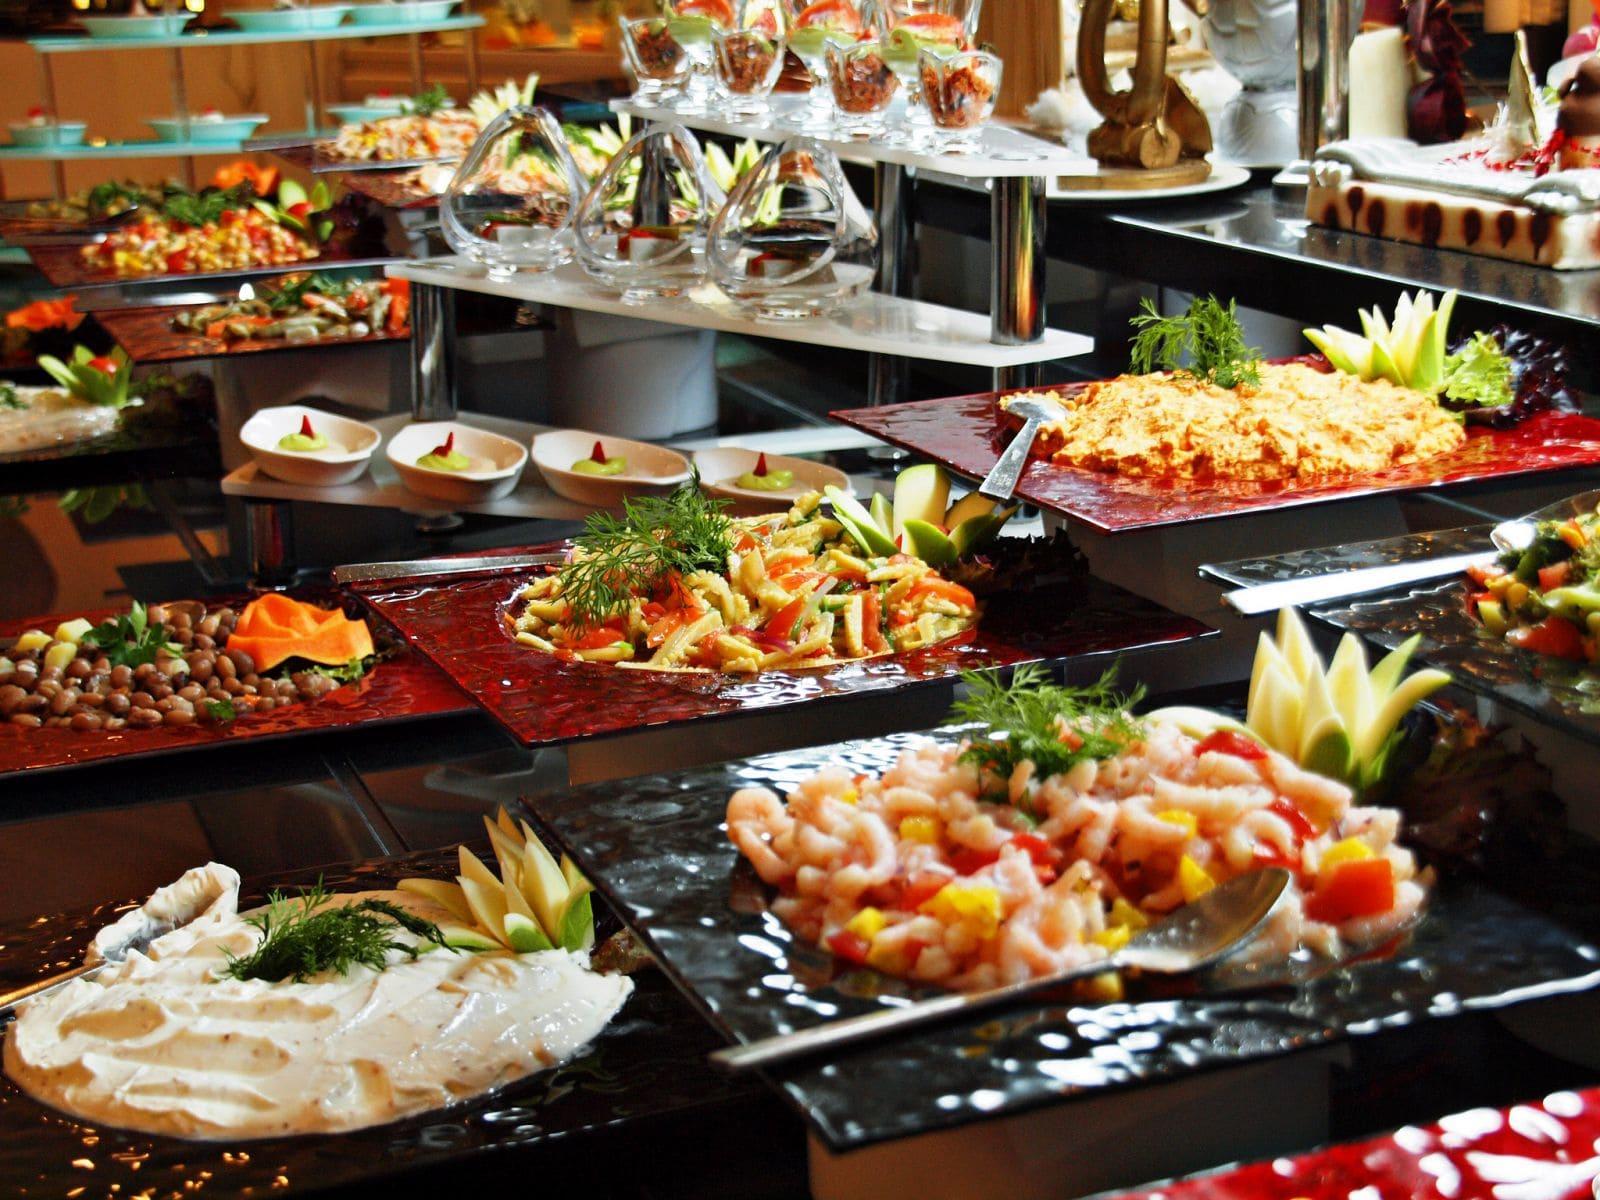 dịch vụ nấu tiệc tại nhà Đà Nẵng - VitaMart